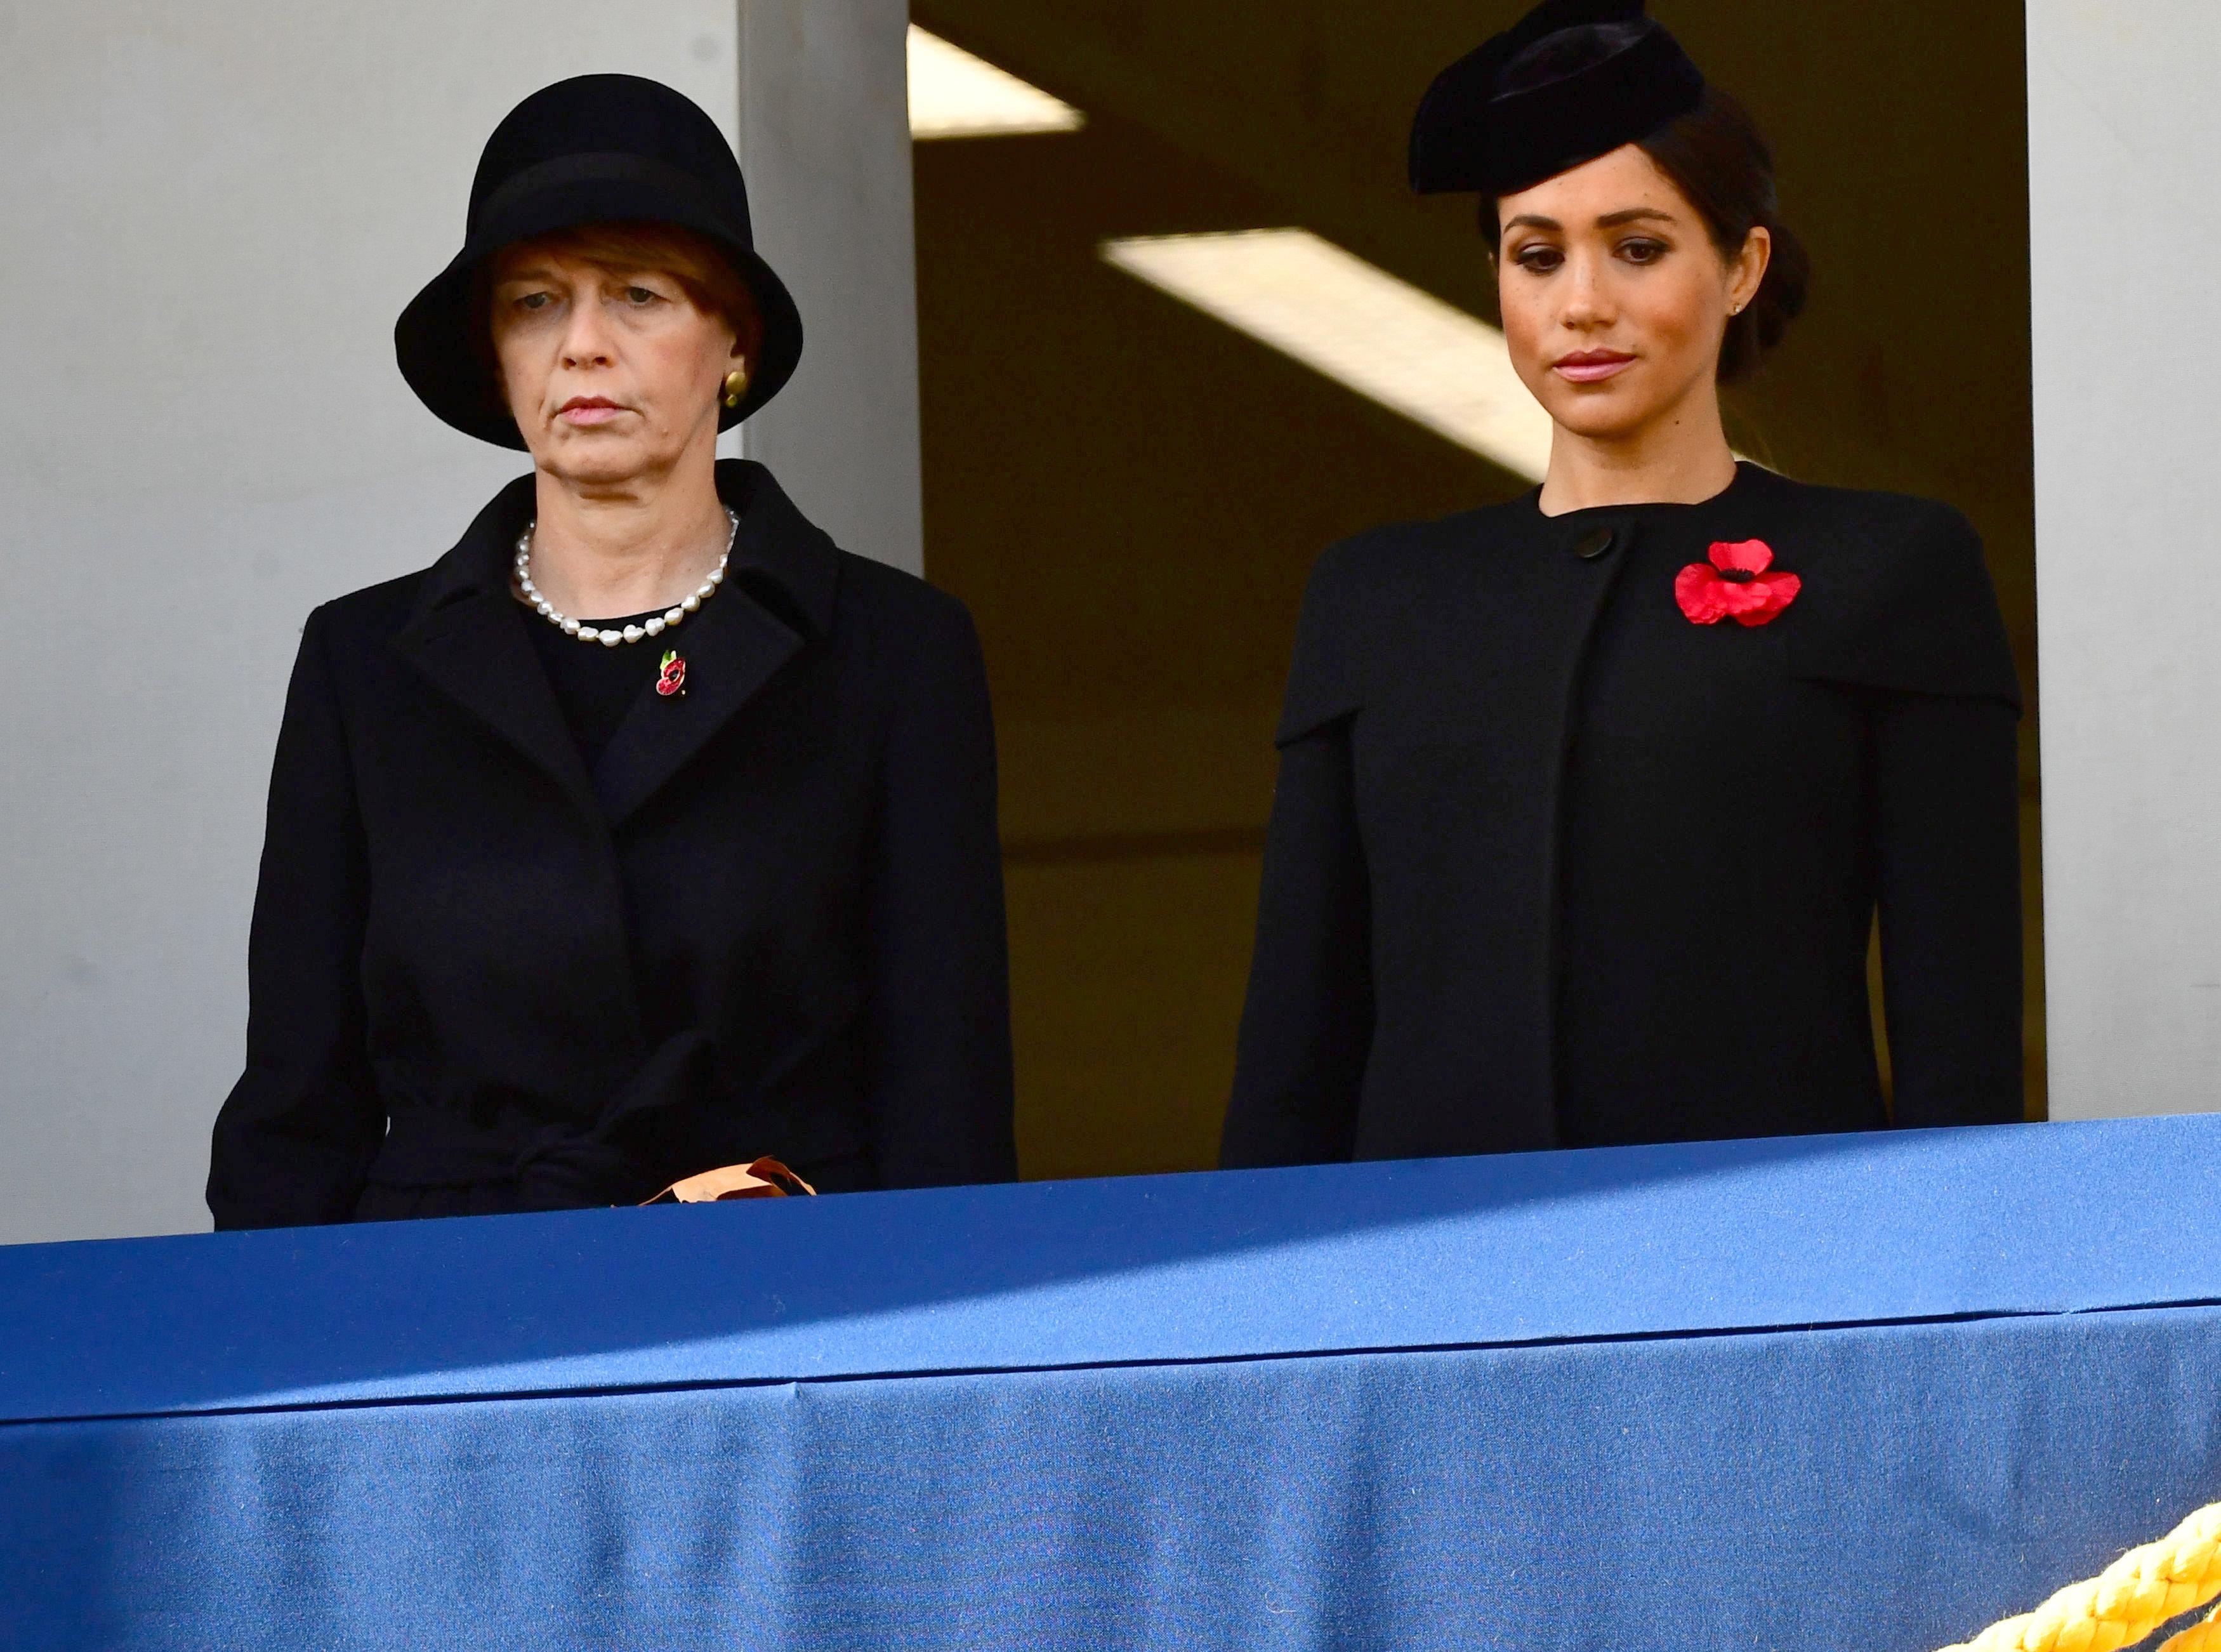 Meghan Markle, duquesa de Sussex, junto a Elke Budenbender, la esposa del presidente alemán, Frank-Walter Steinmeier